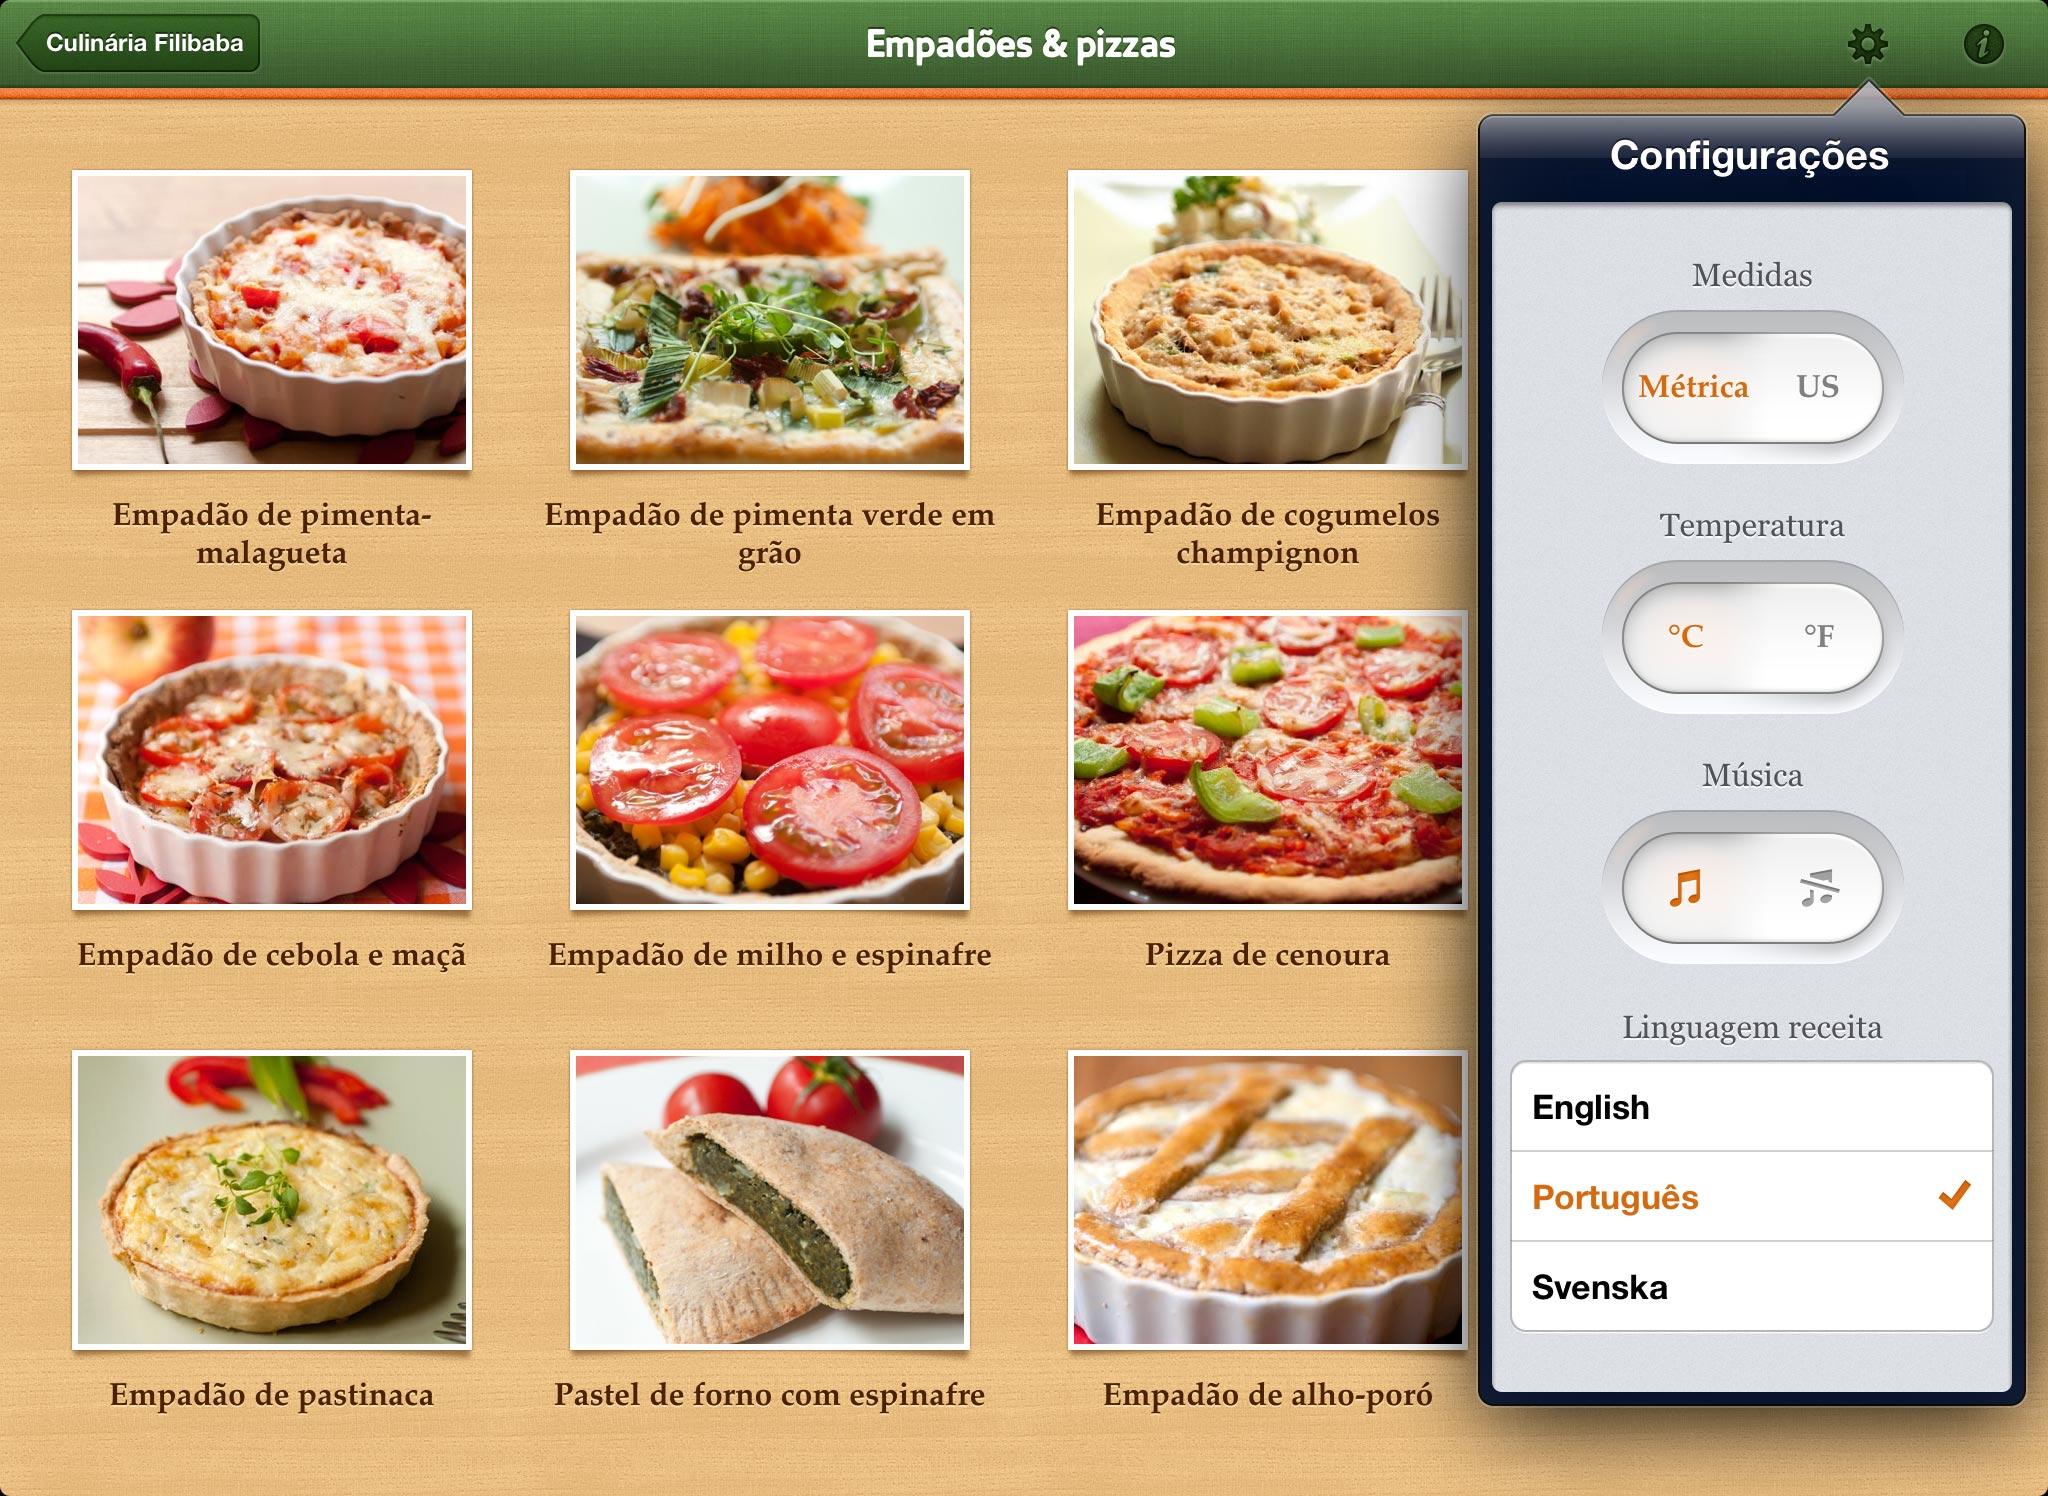 Culinária Filibaba em iGadgets